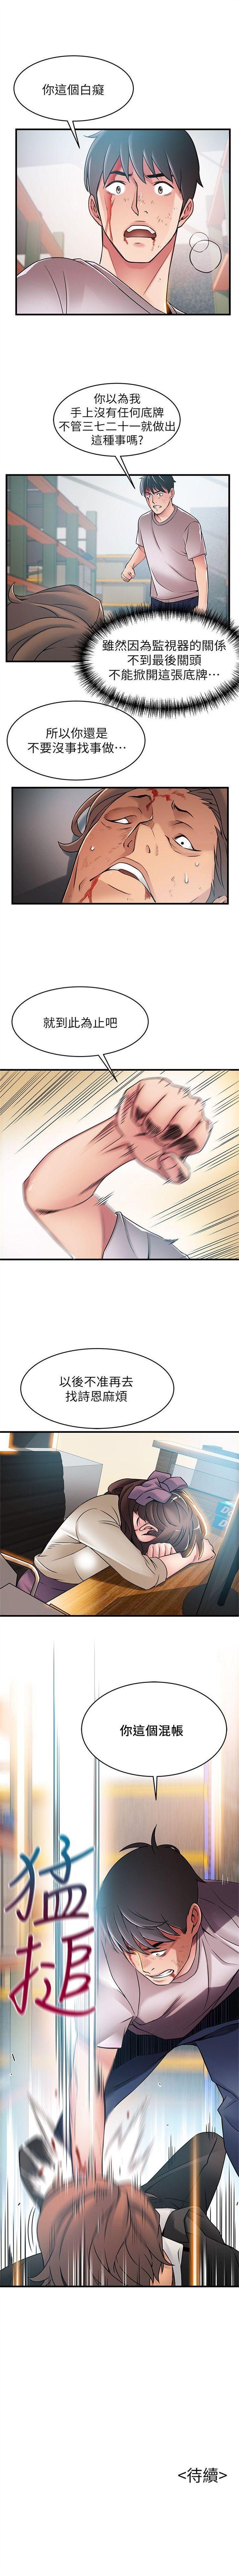 (周7)弱点 1-66 中文翻译(更新中) 178